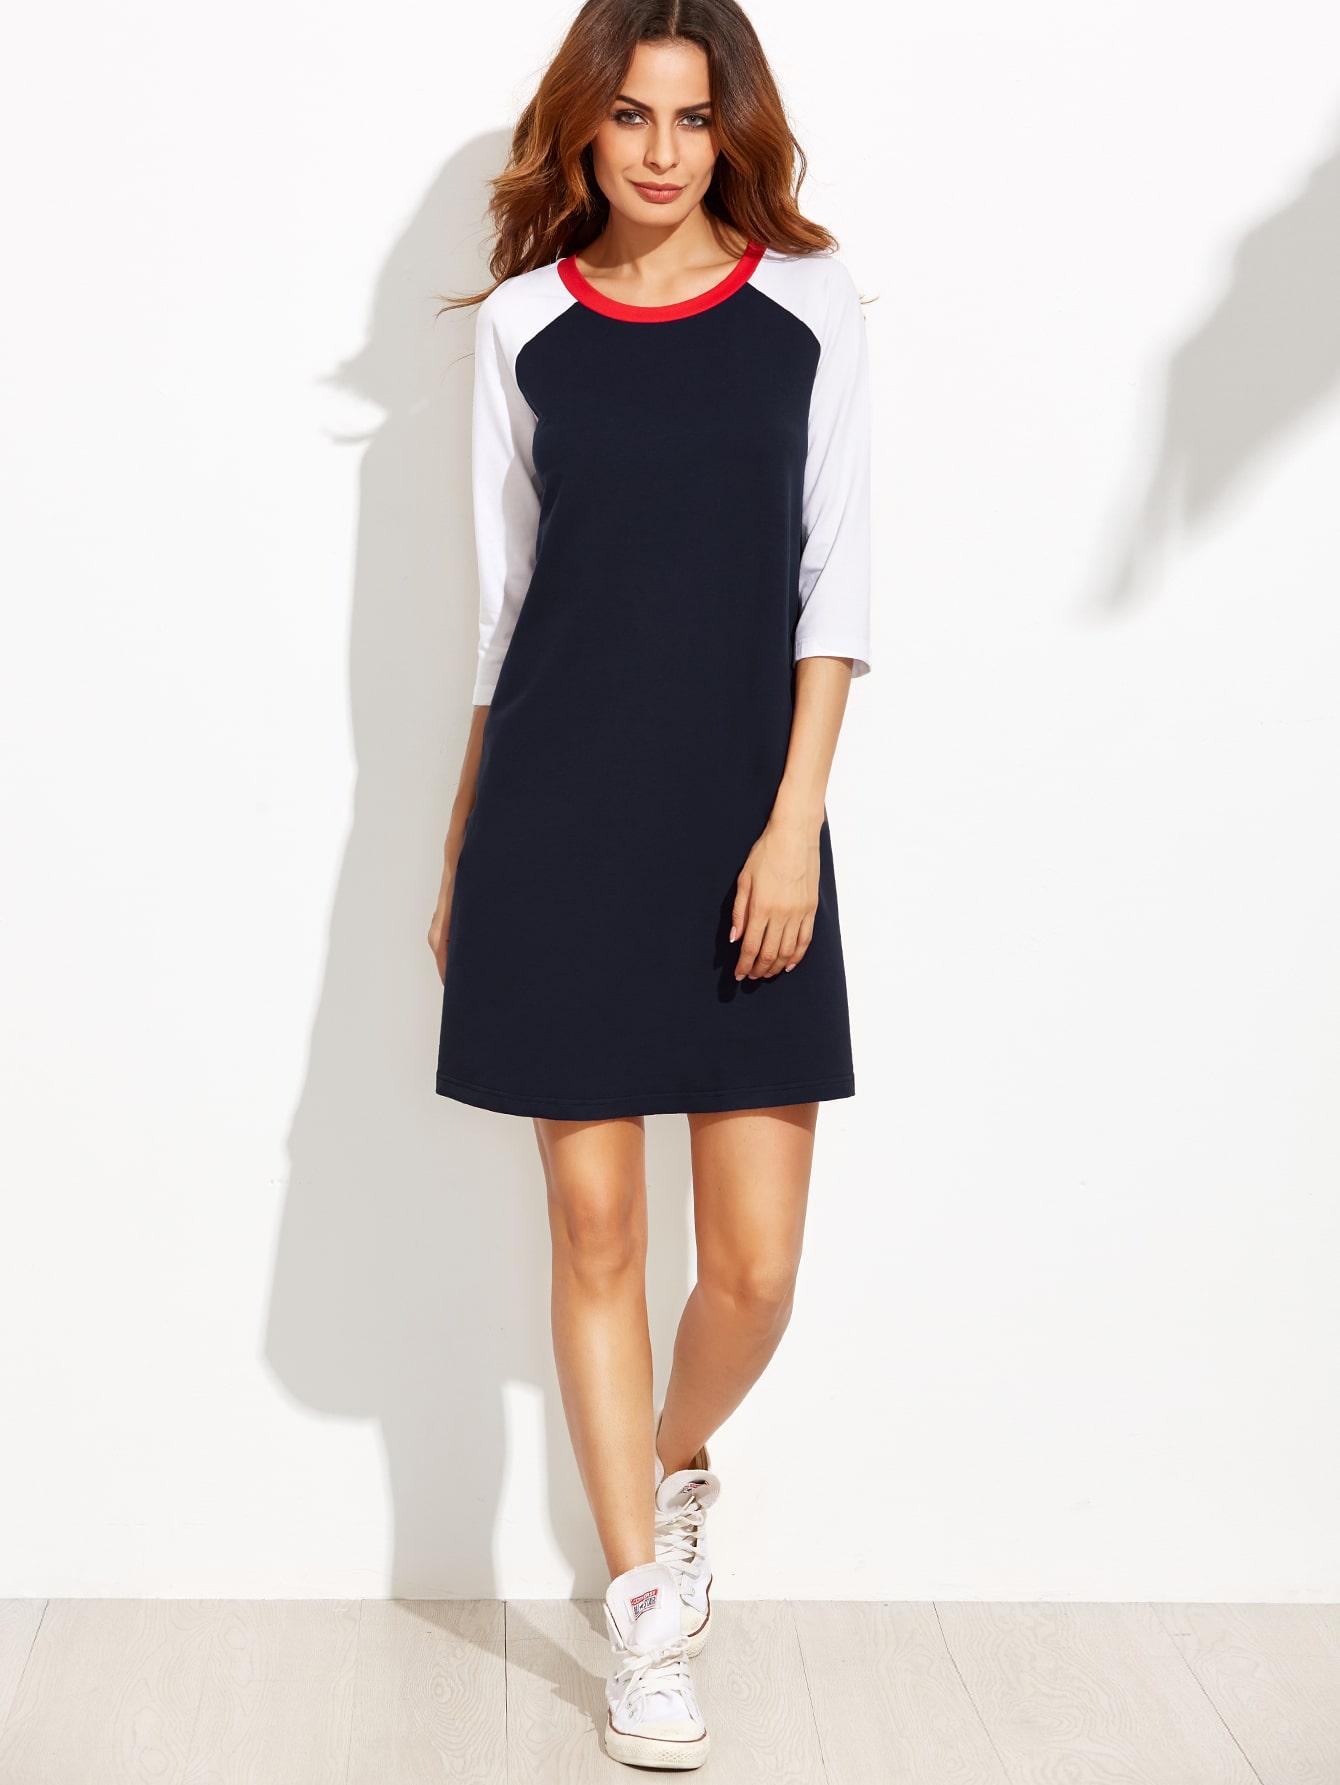 a22e18e795 Navy Contrast Raglan Sleeve T-shirt Dress EmmaCloth-Women Fast ...